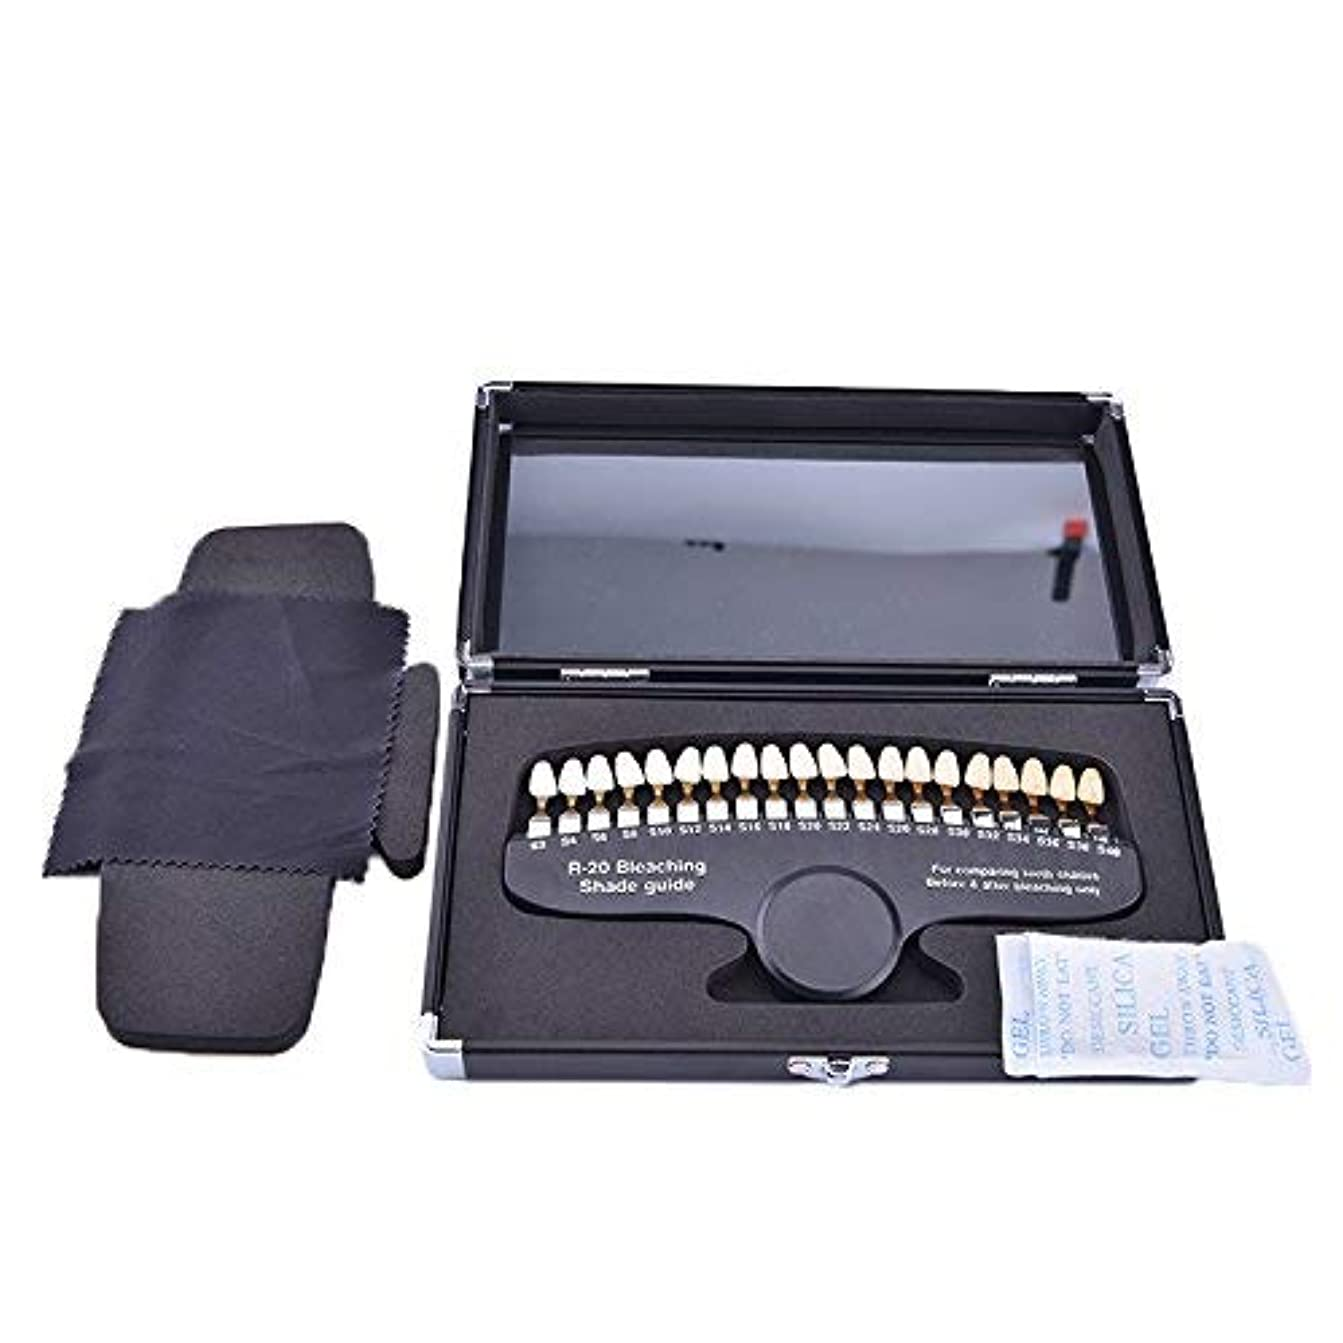 ジャム遠近法フィールドデンタル ホワイトニング シェード ガイドー 20色デンタル専用抜ける歯列模型ボード 鏡付き